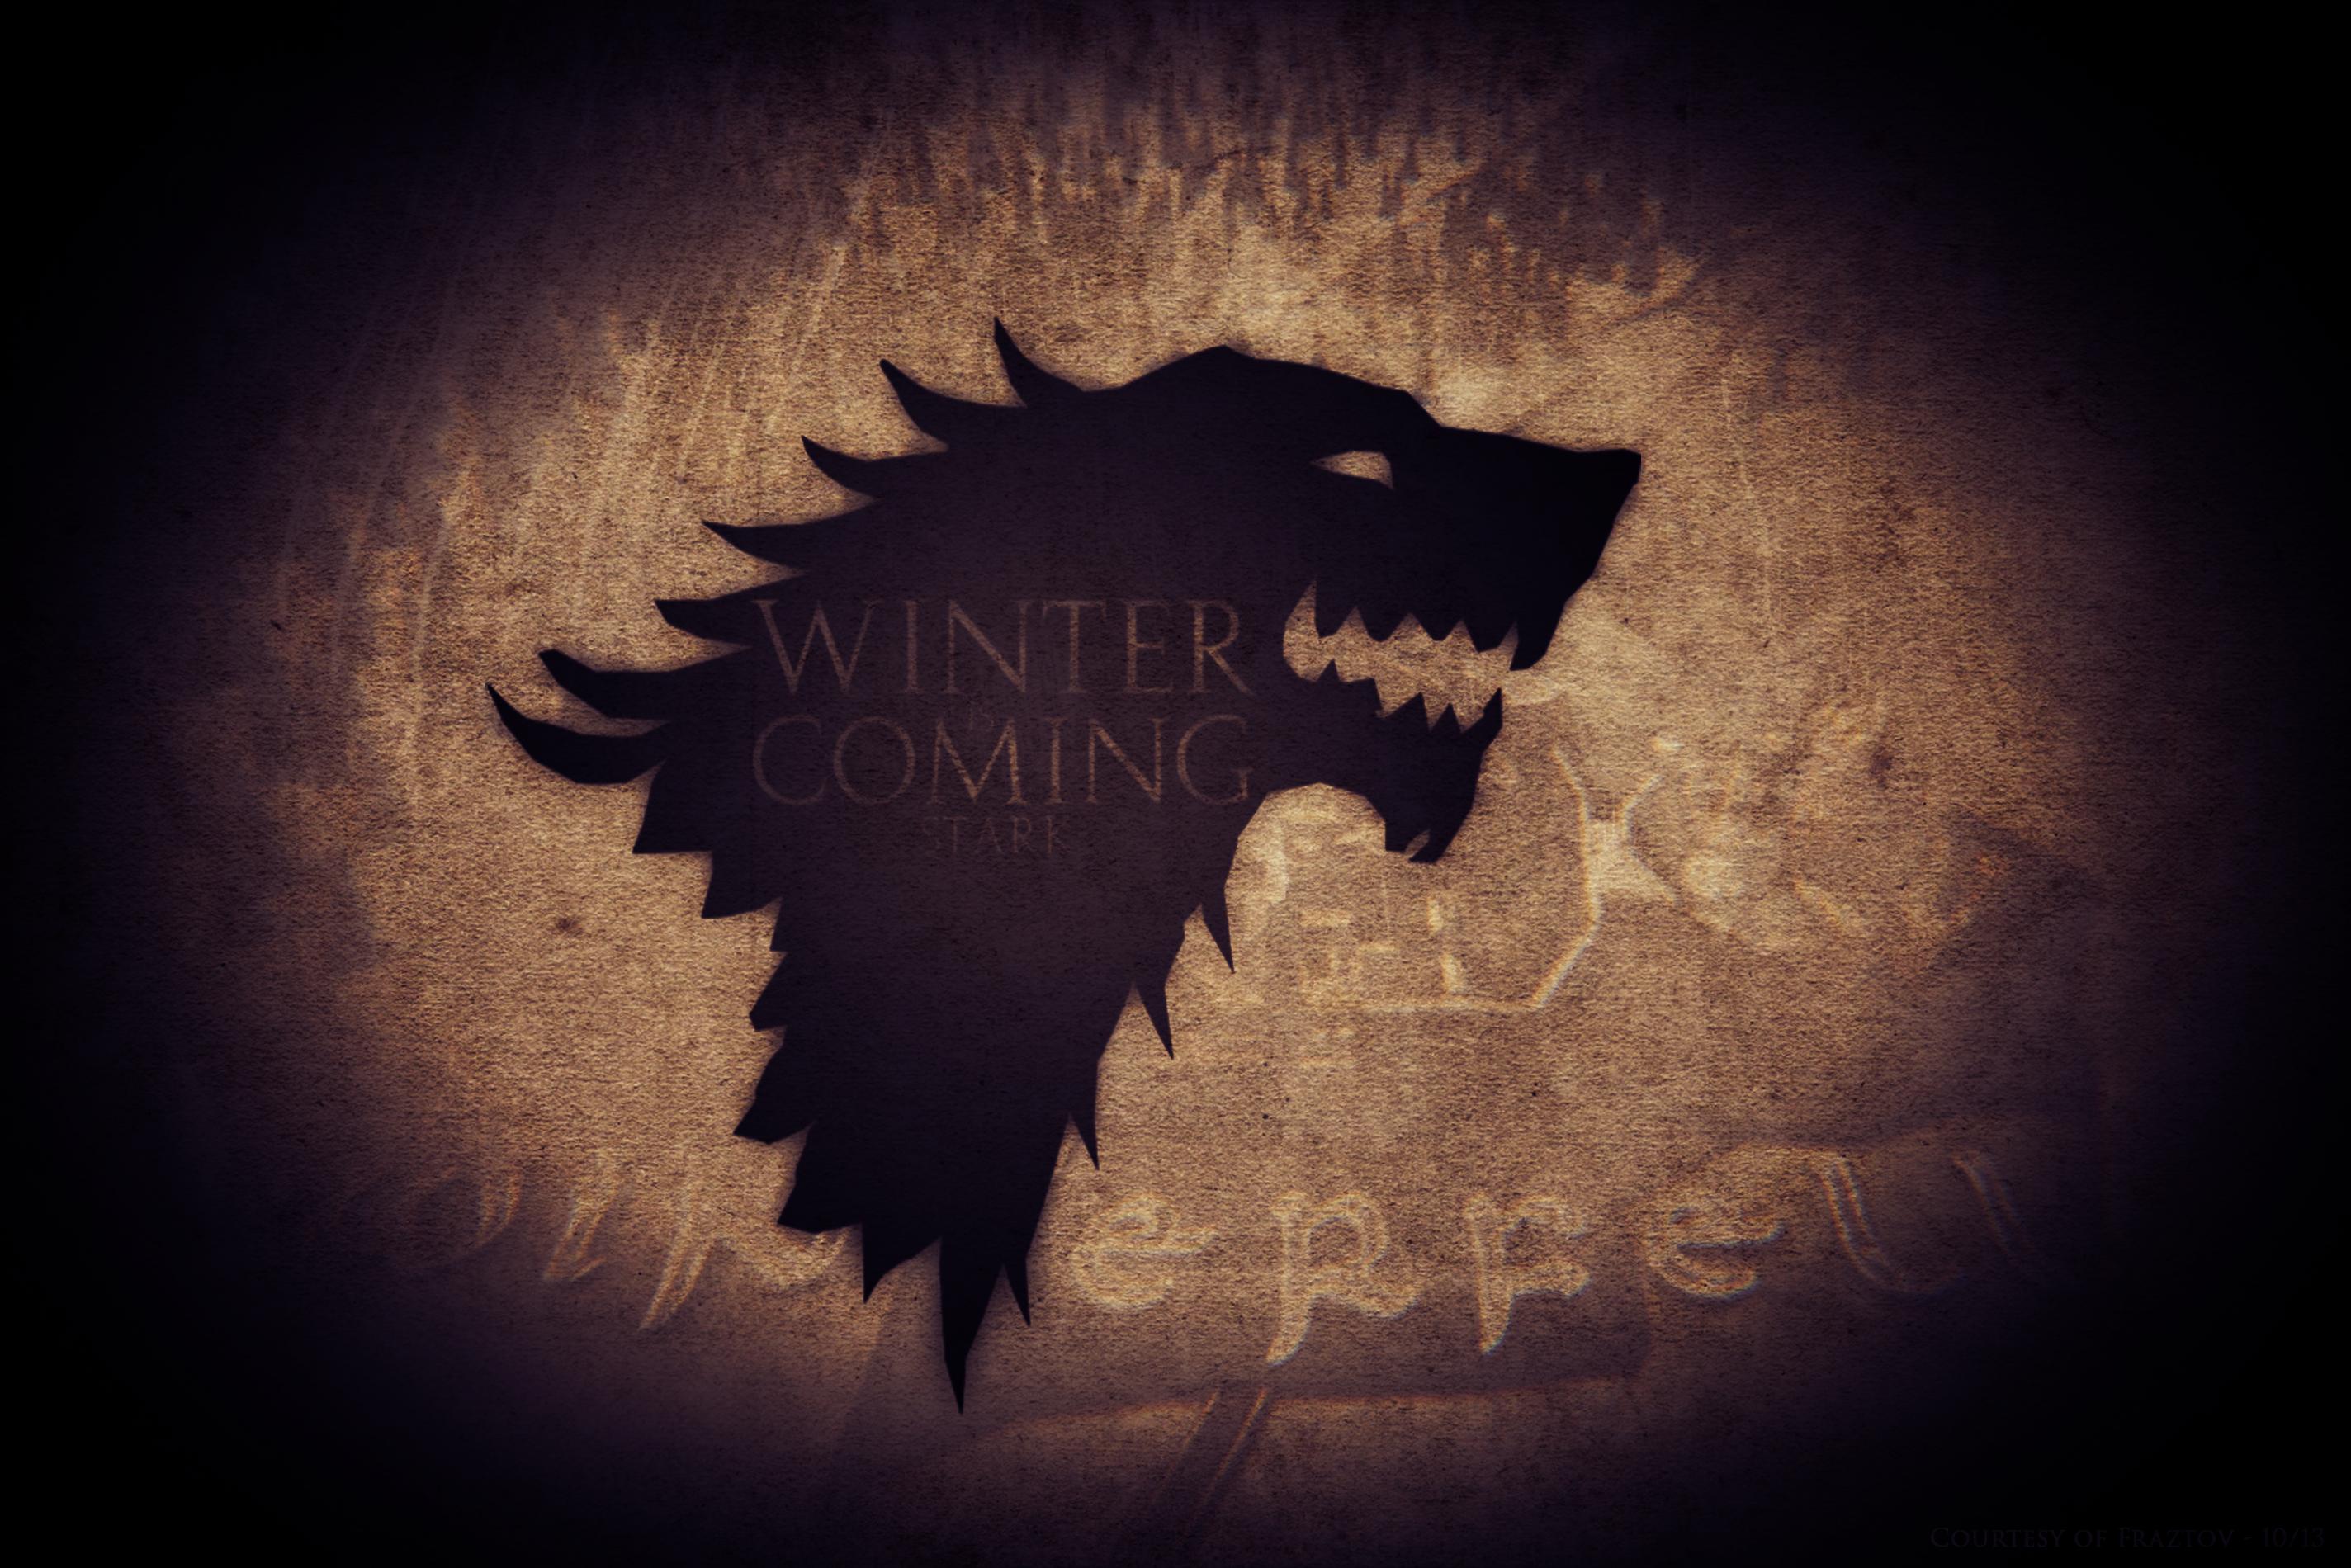 3d Game Of Thrones Wallpaper Stark